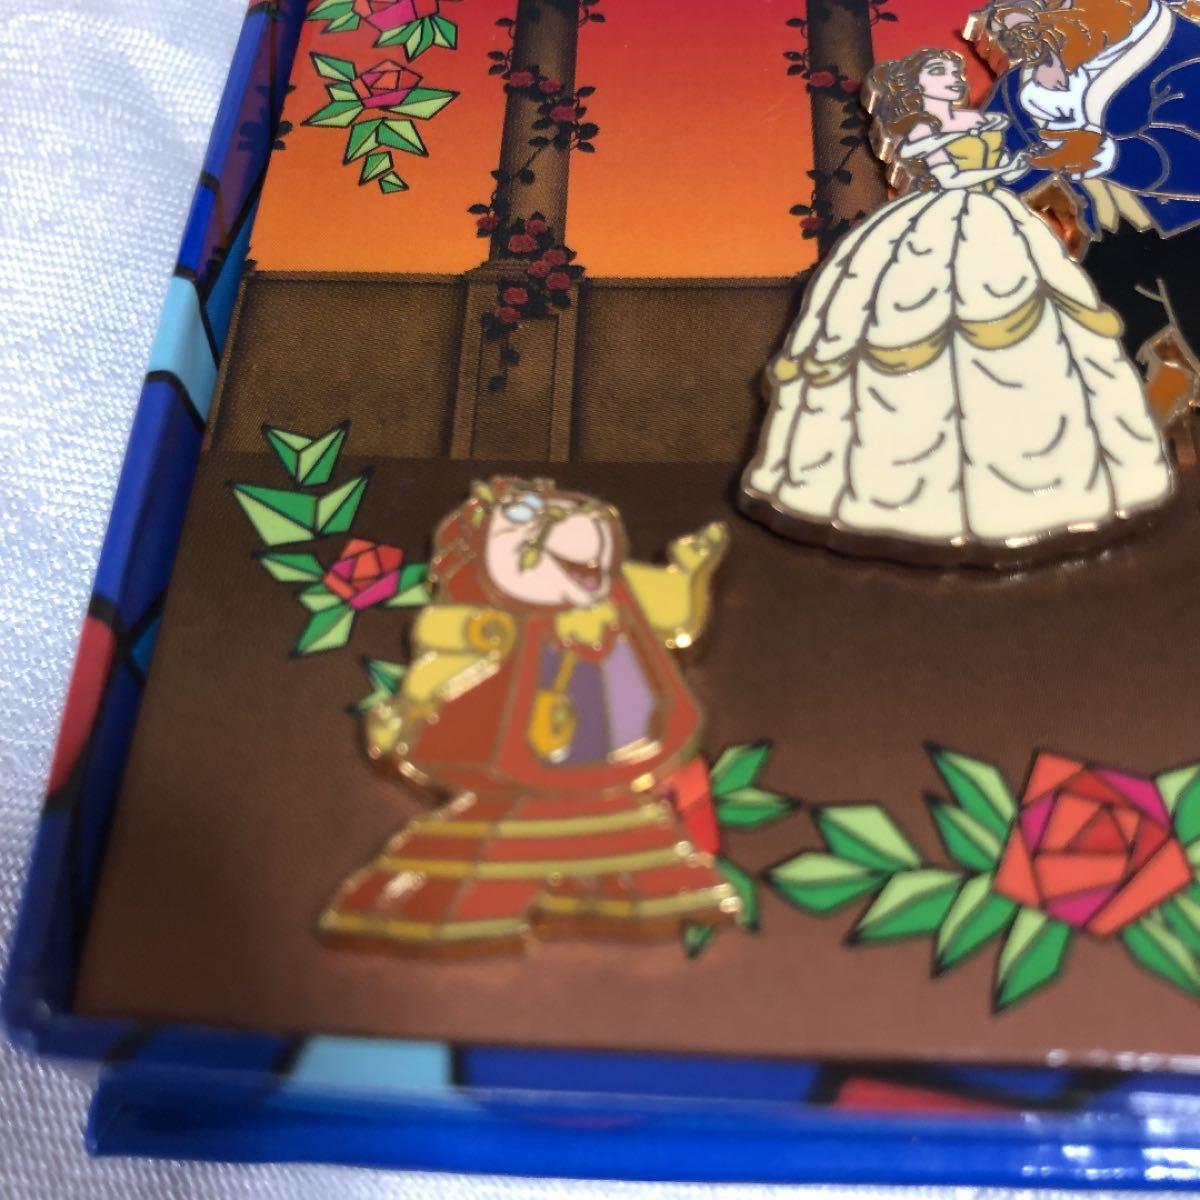 ディズニー 美女と野獣 限定940 ピンバッジボックスSET  ベル&ビースト